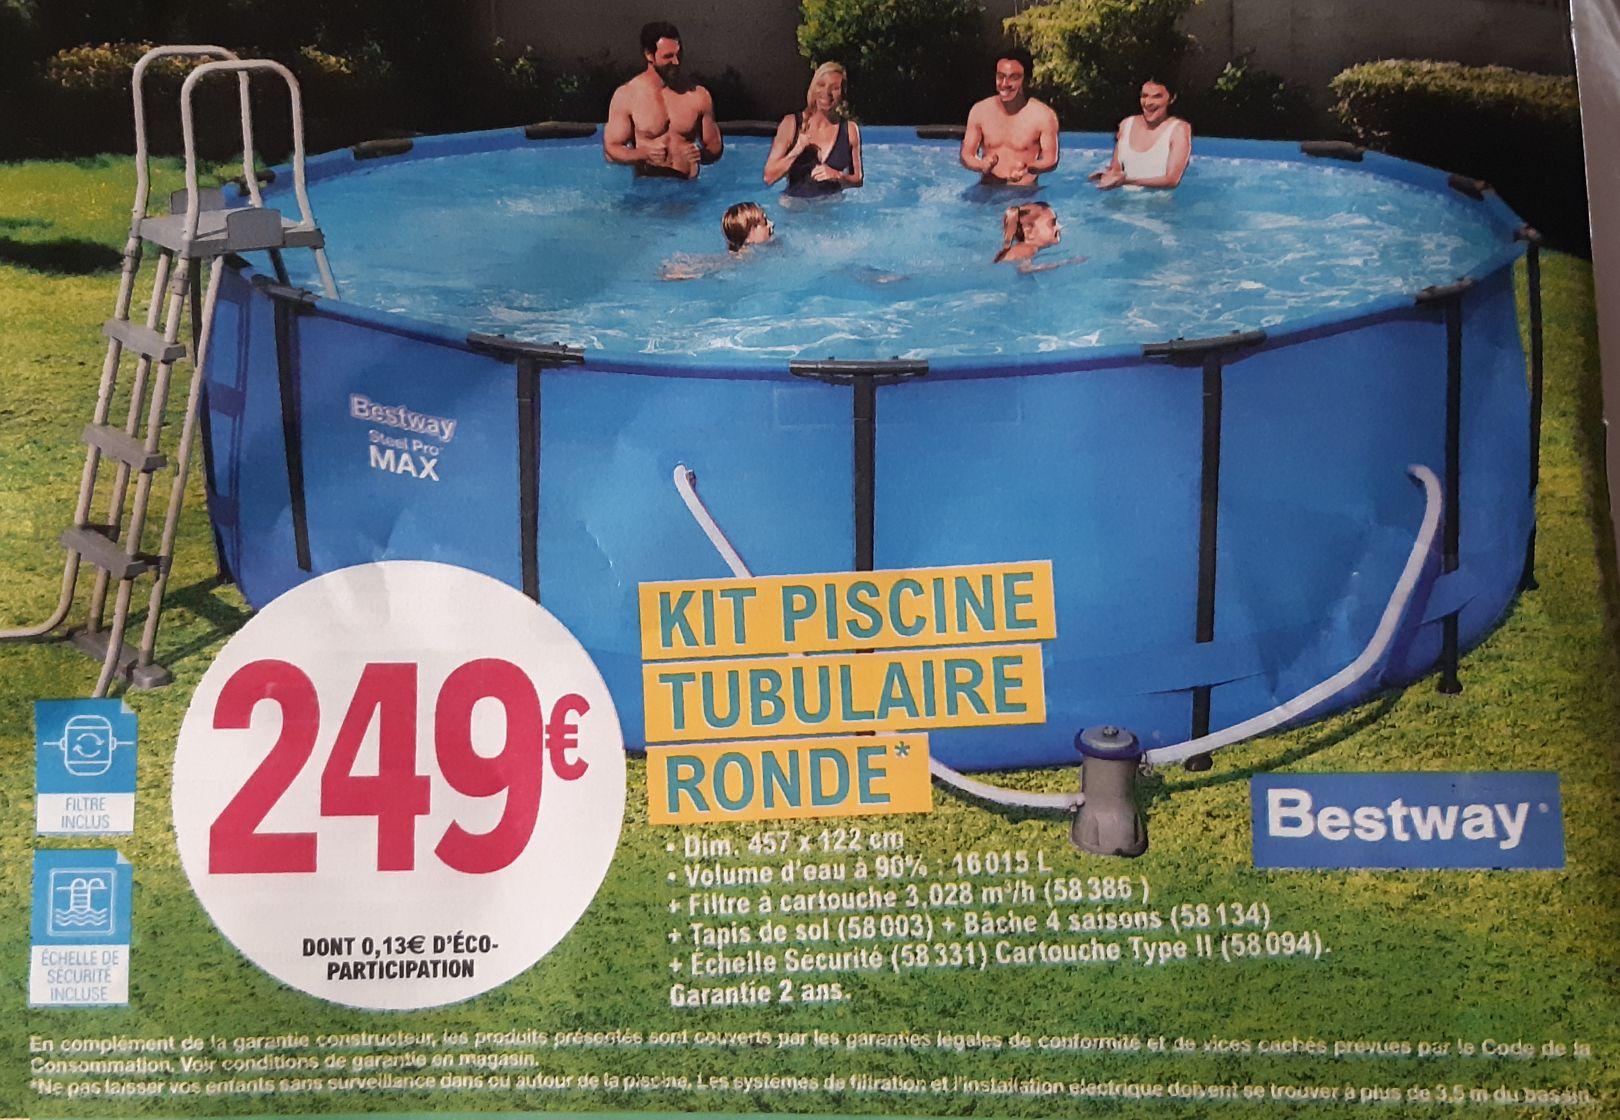 Kit piscine tubulaire Ronde bestway steel pro max 457x122